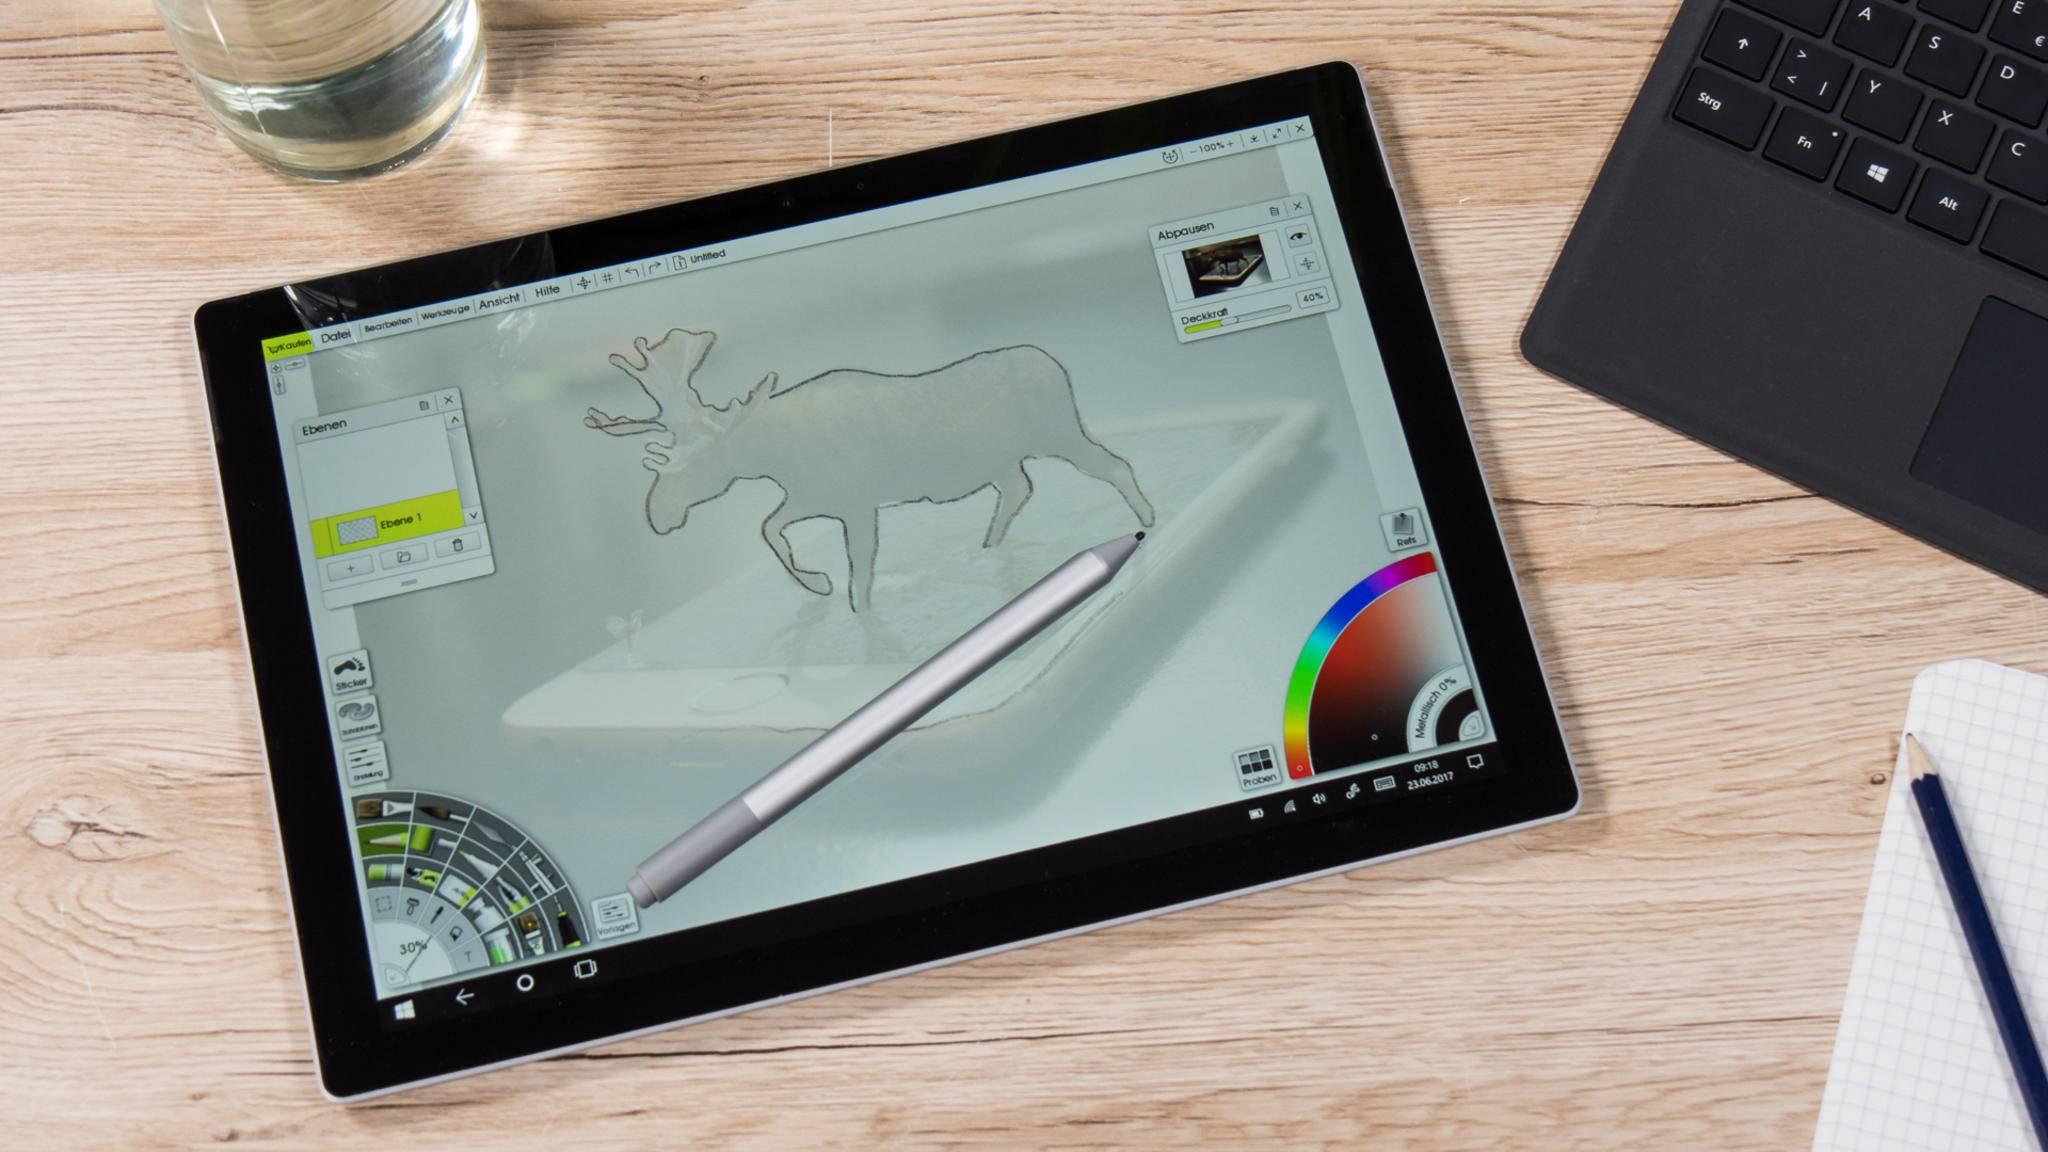 surface pro 2017 im test endlich ein notebook ersatz. Black Bedroom Furniture Sets. Home Design Ideas